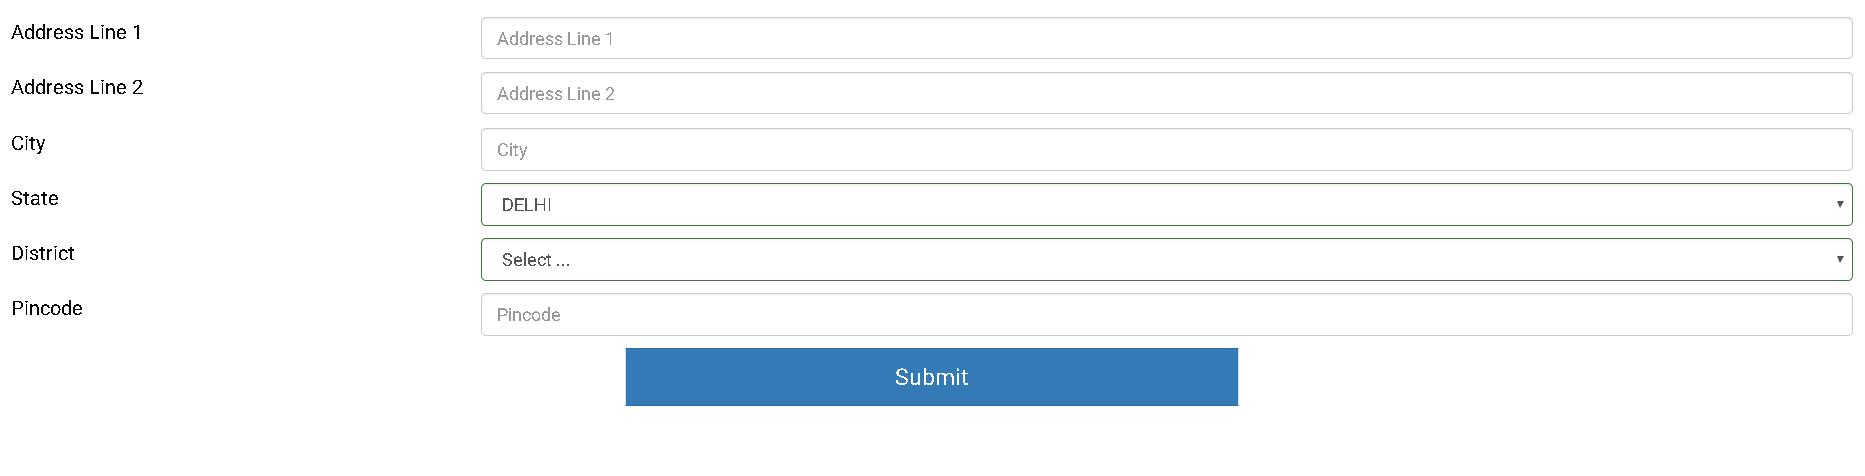 IGNOU Application Form Address Details